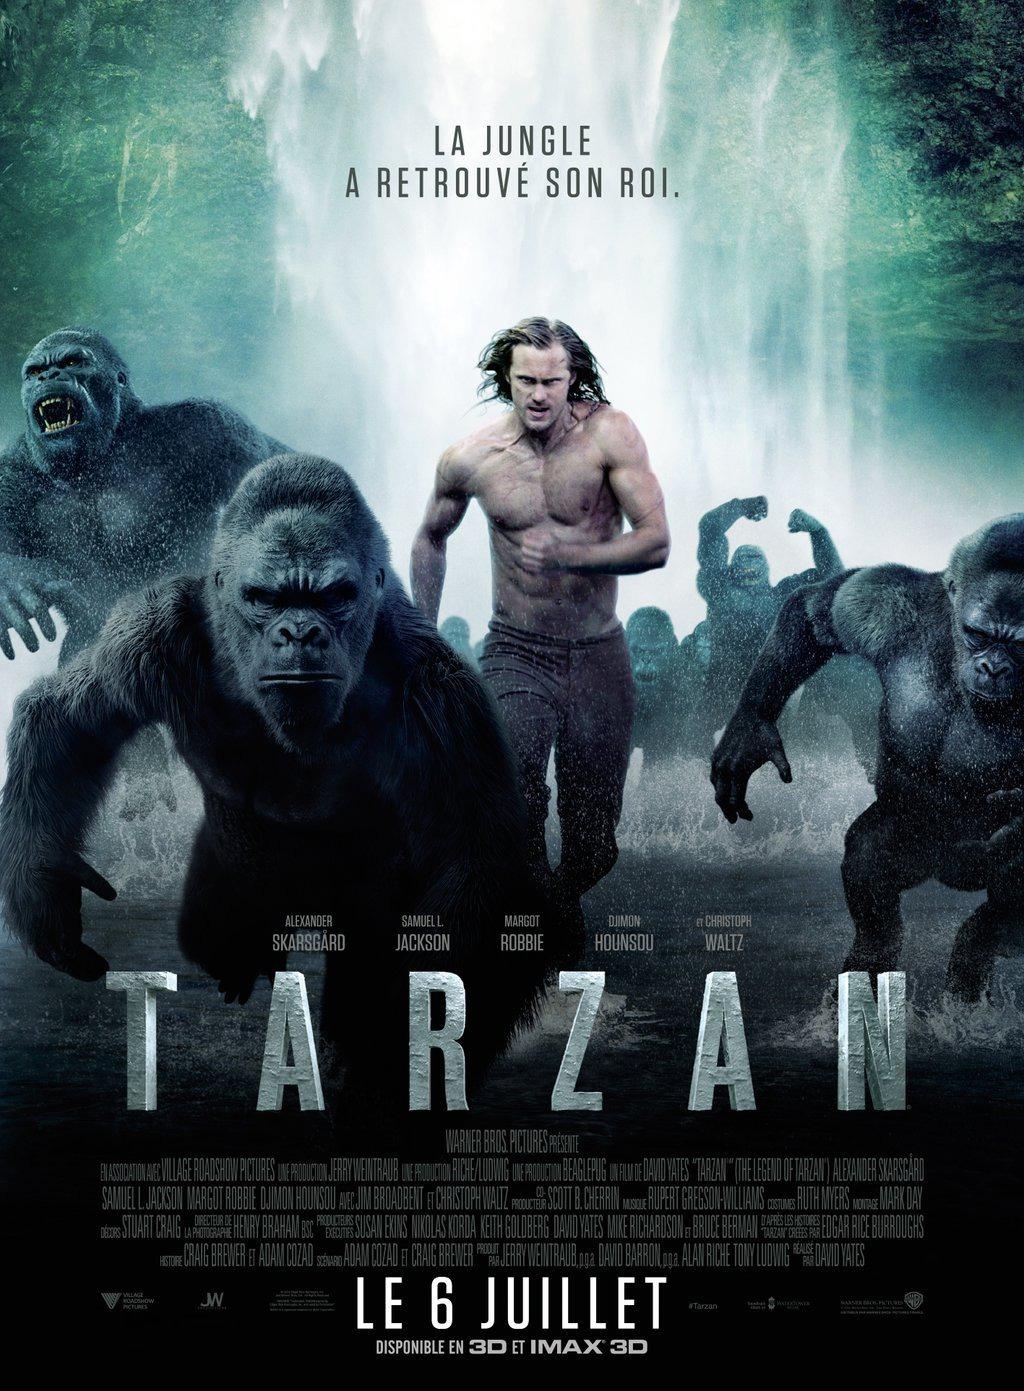 [ภาพชัด] THE LEGEND OF TARZAN (2016) ตำนานแห่งทาร์ซาน